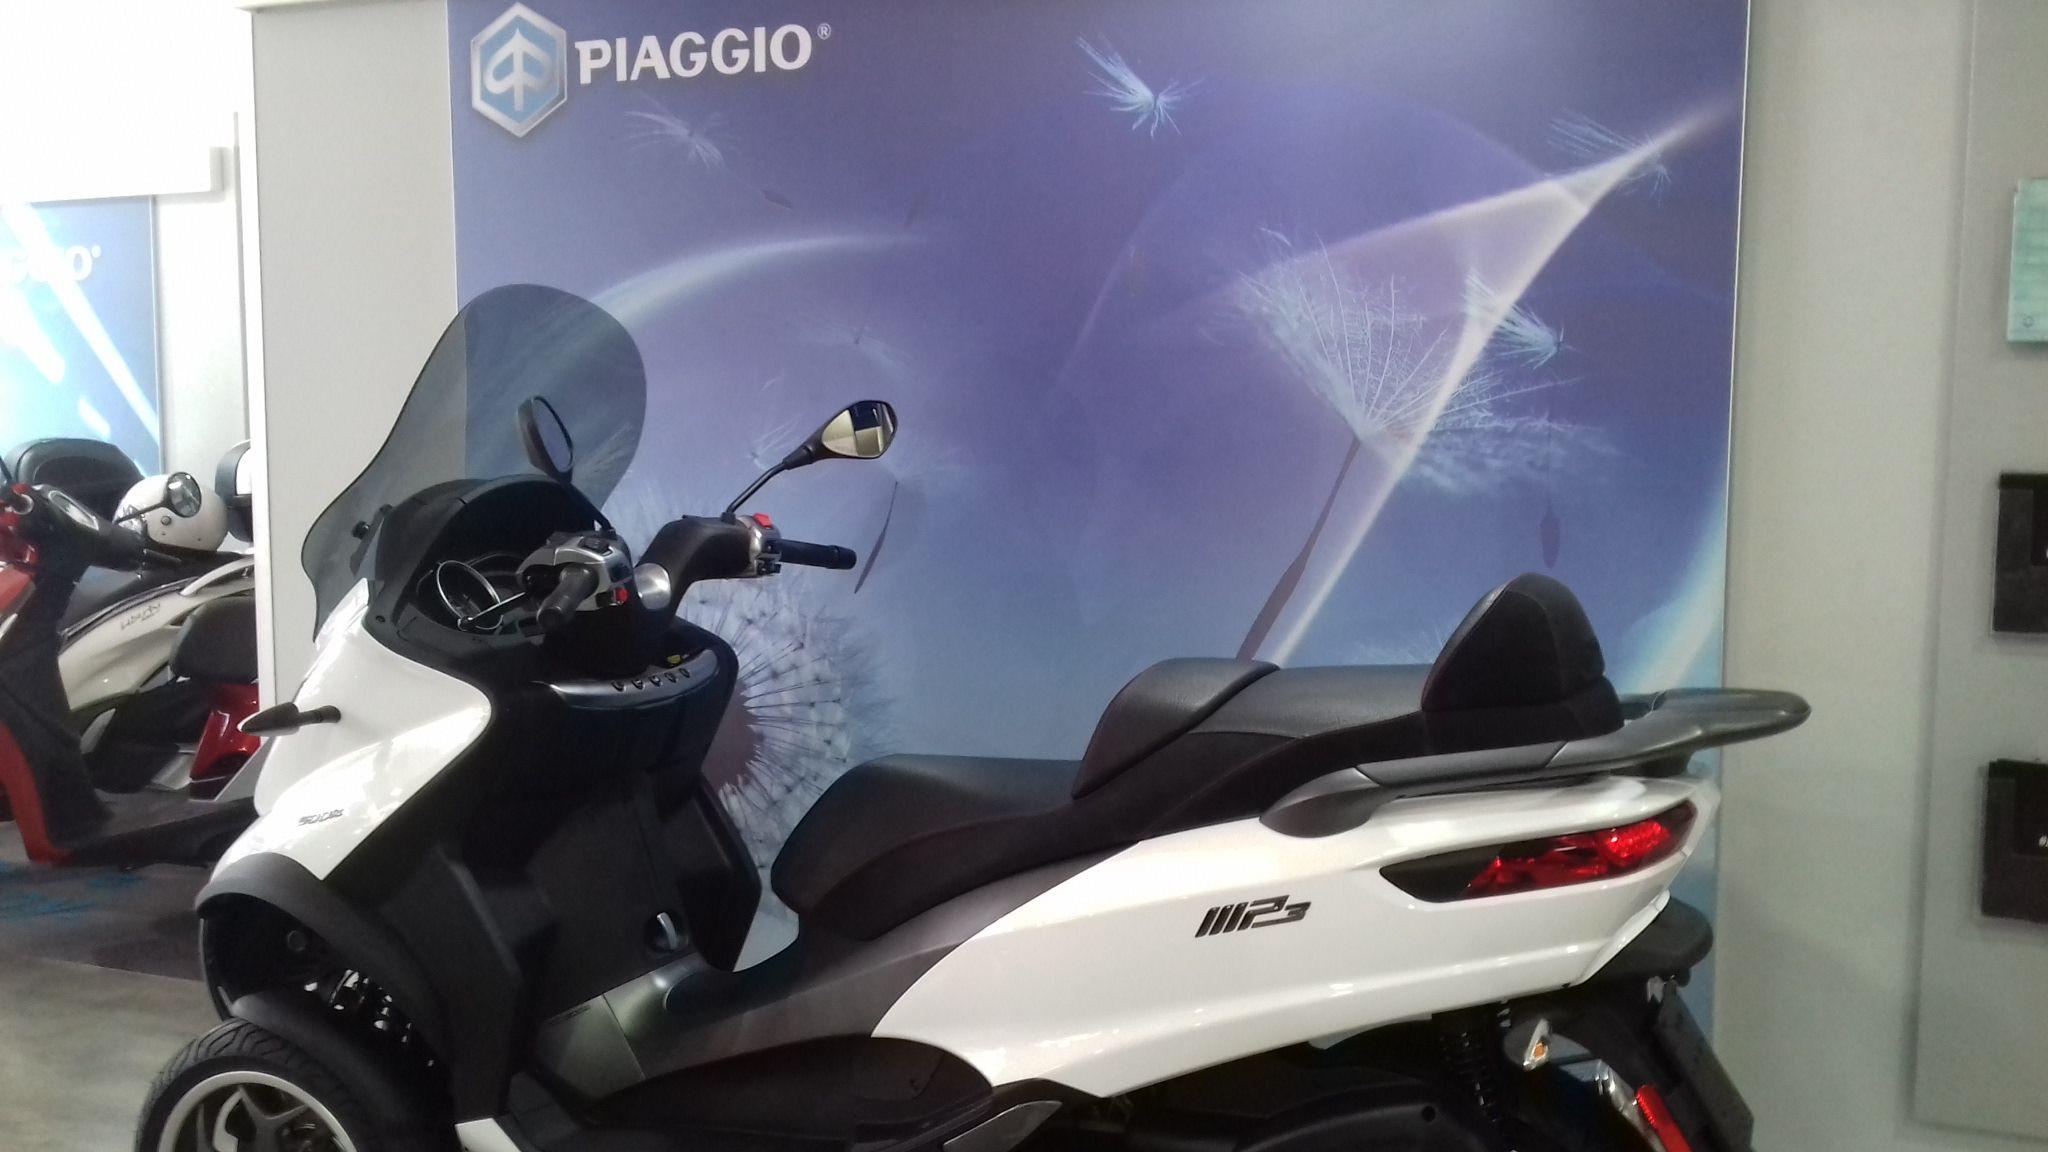 Piaggio Mp 3 500 al mejor precio. Ahora en oferta: 8.499 €